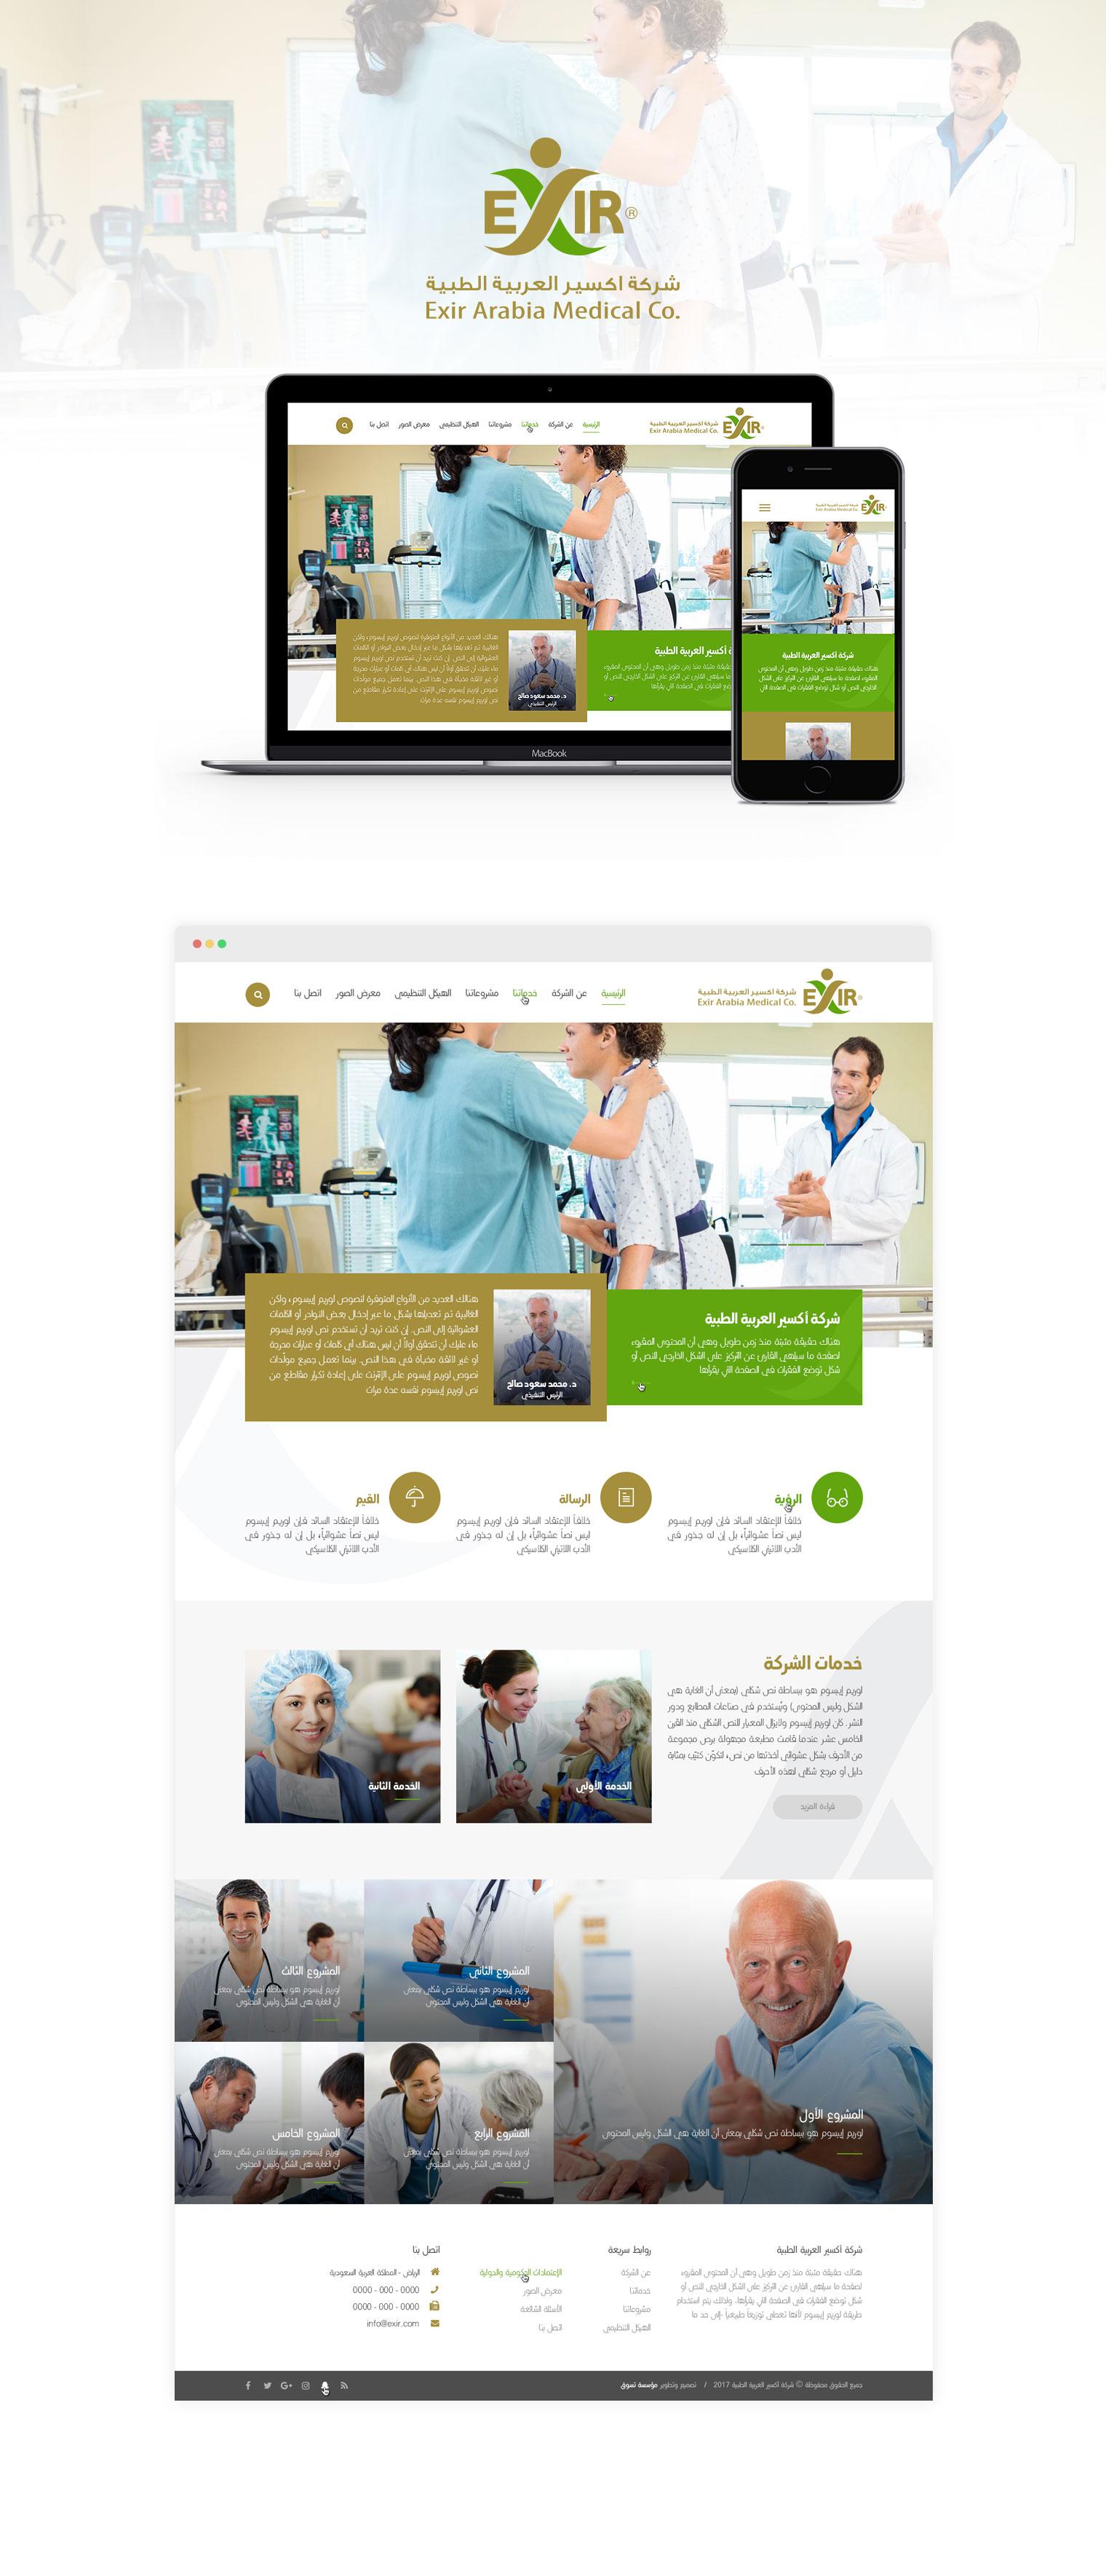 شركة أكسير العربية الطبية